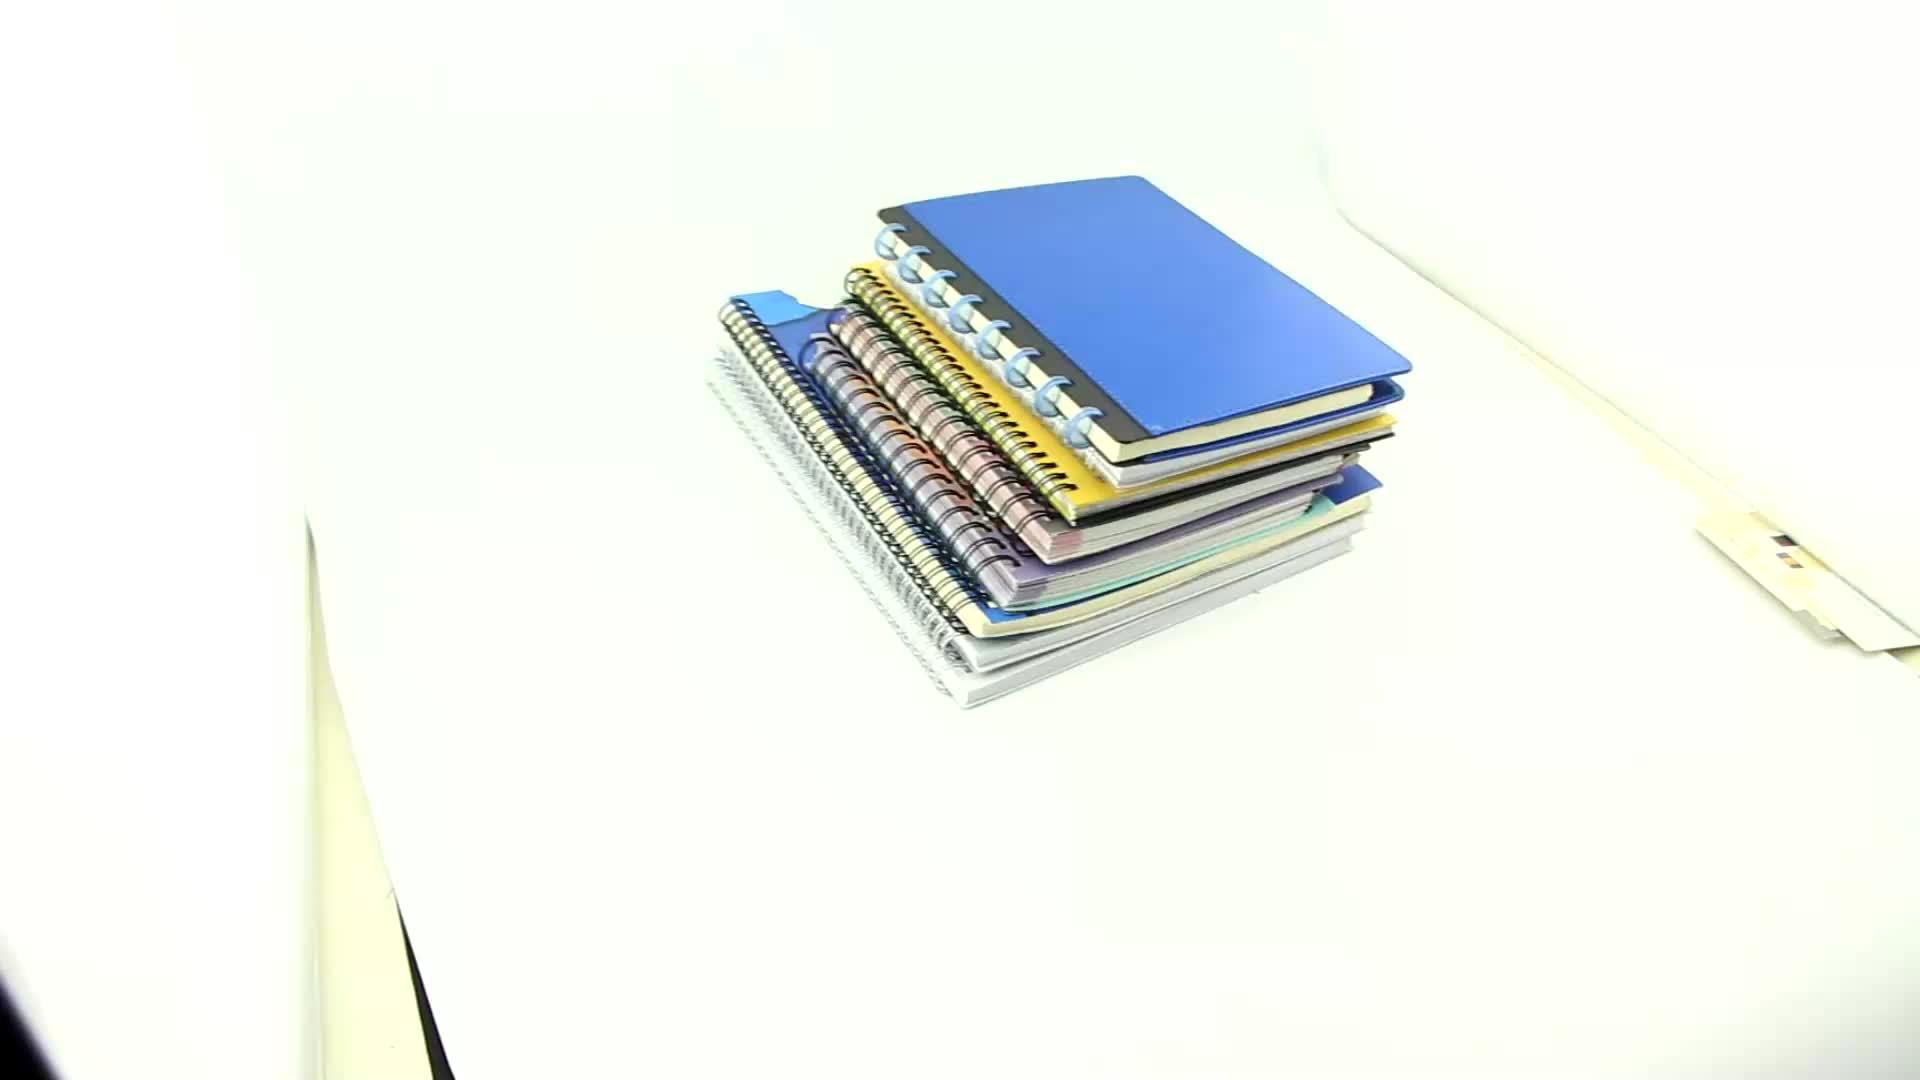 Cahier à spirale avec stylo Personnalisé A4 A6 A5 recyclé en cuir PU pointillé papier reliure vierge agenda journal d'impression